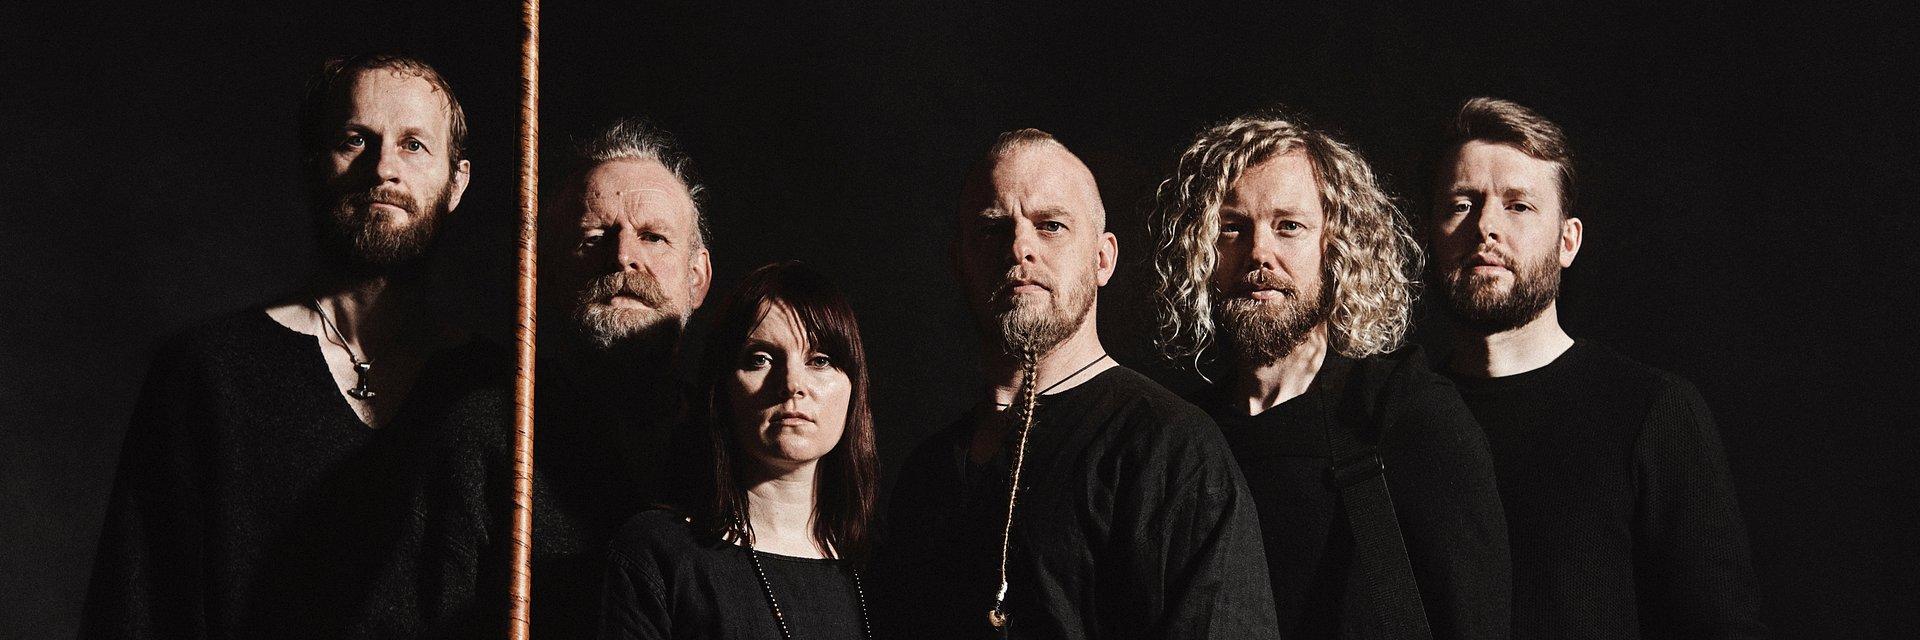 Wardruna ogłosiła daty koncertów w Polsce